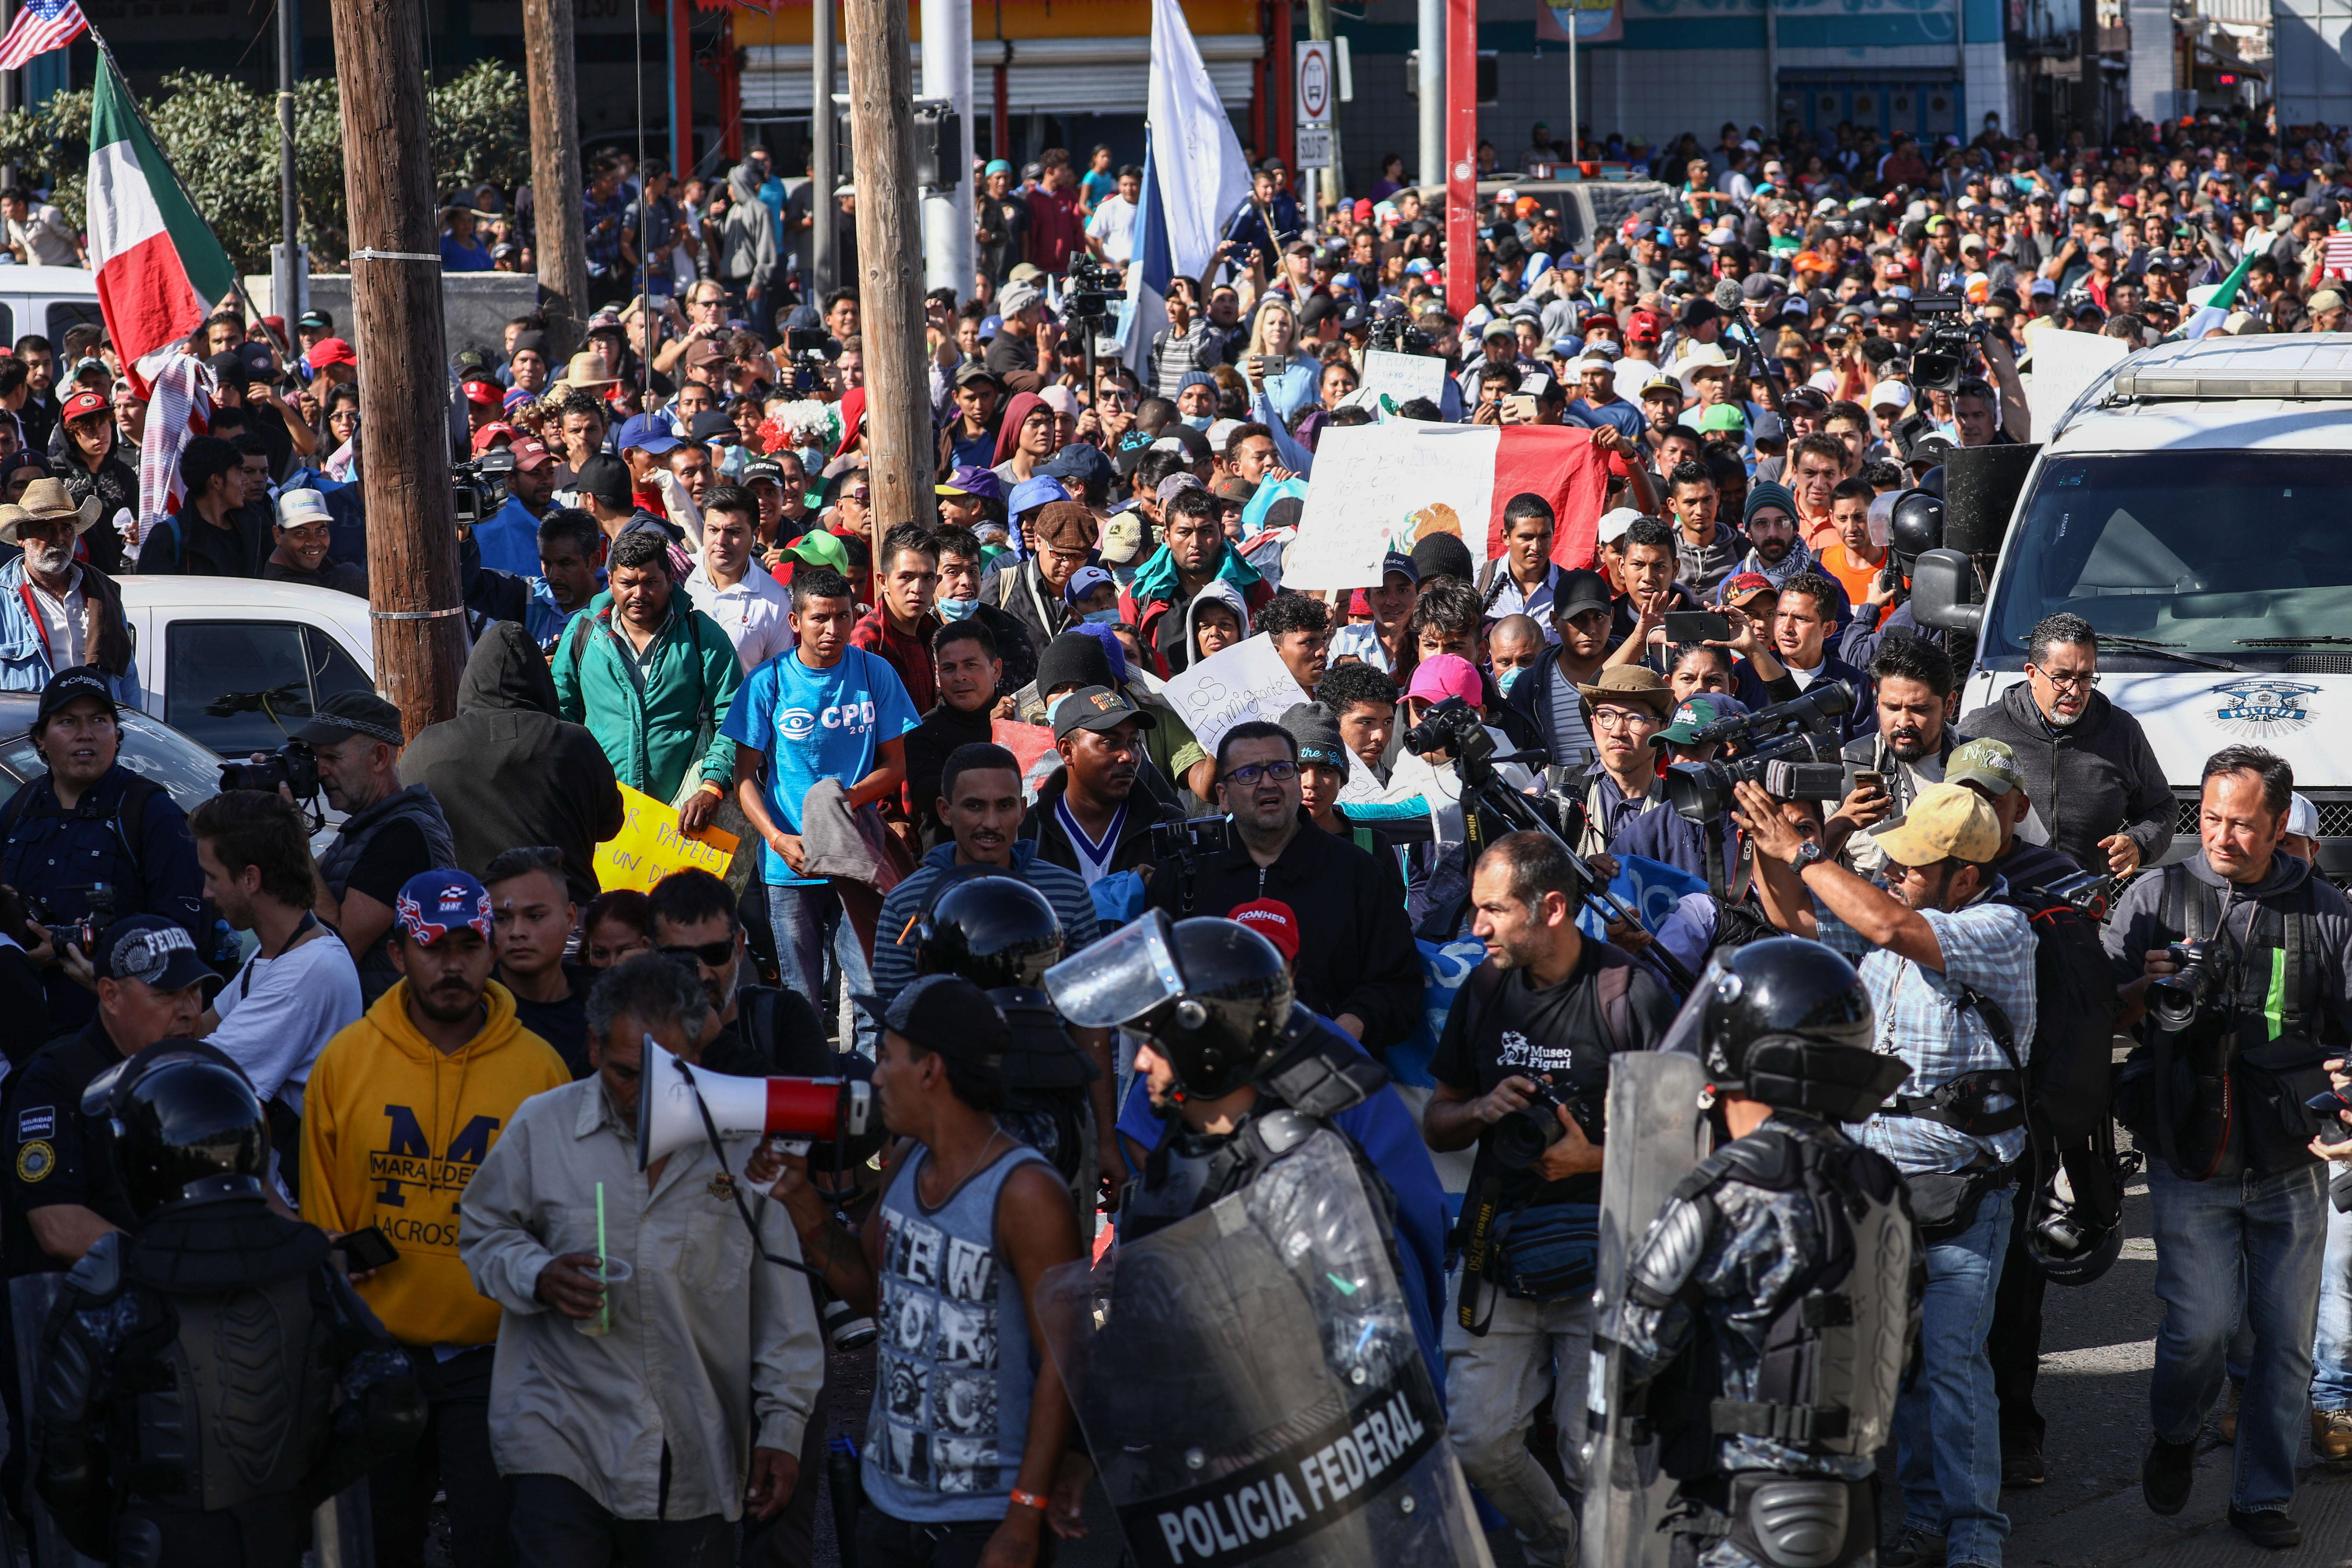 墨西哥邊境的中美洲難民湧向美國國界。圖片拍攝於2018年11月25日。(Charlotte Cuthbertson/大紀元)